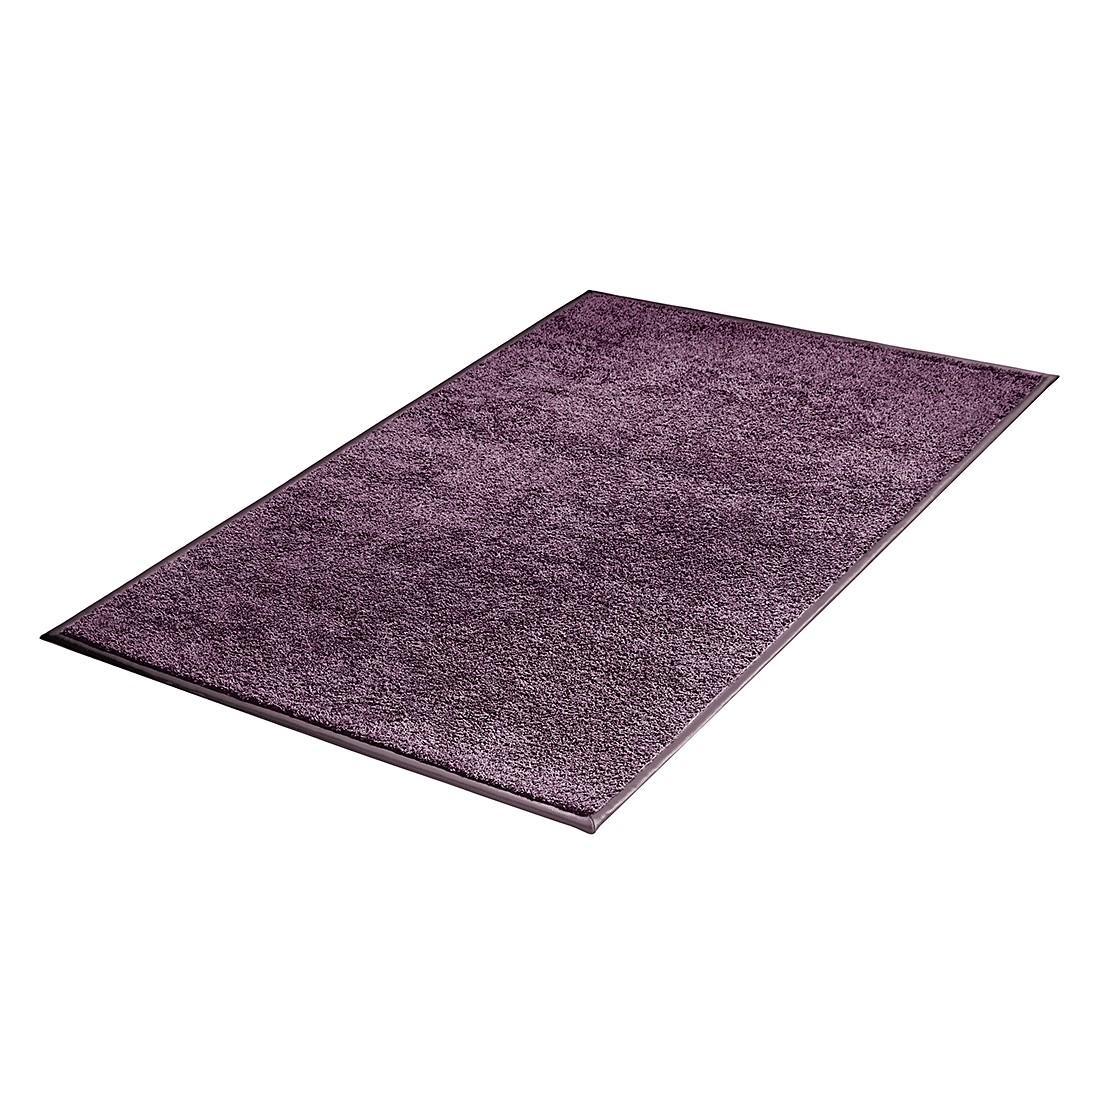 Teppich Noblesse Exclusiv – Flieder – 80 x 160 cm, DEKOWE jetzt kaufen